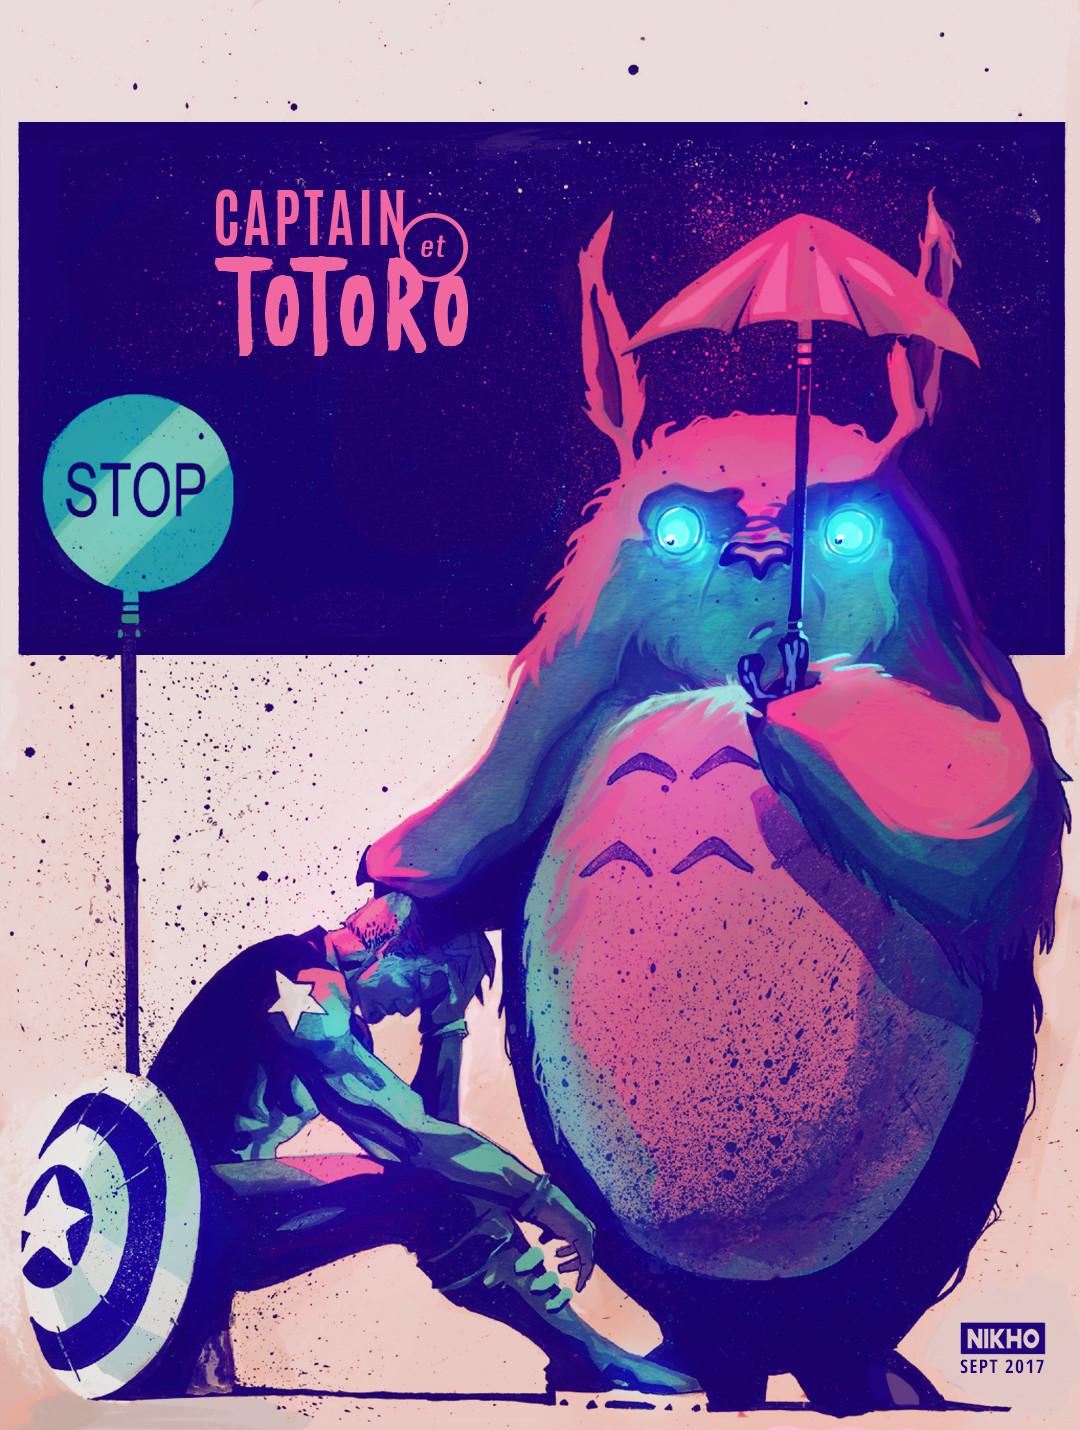 NIKHO - CAPTAIN AMERICA ET TOTORO